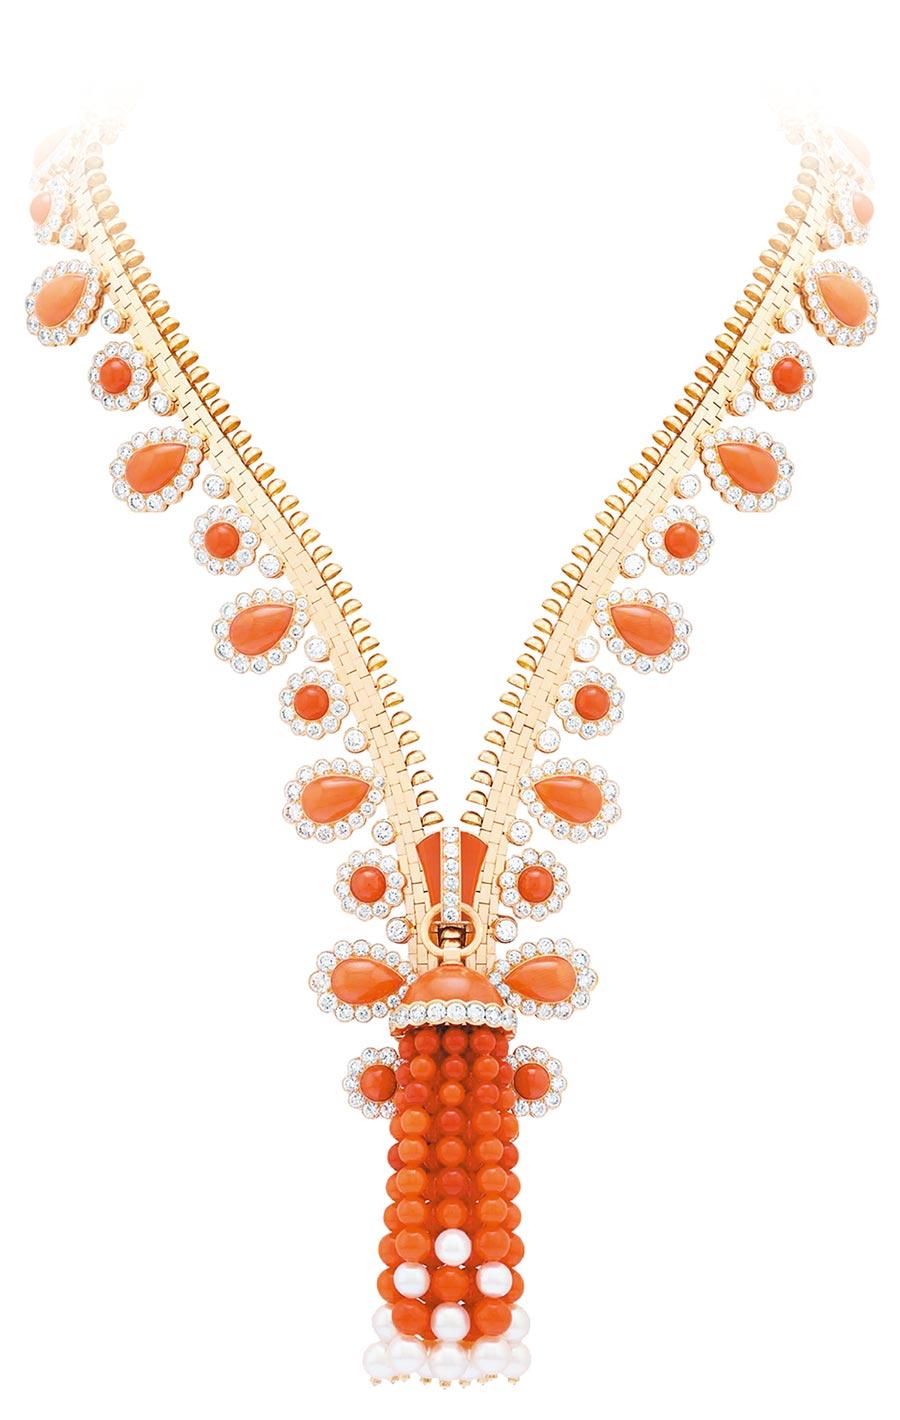 梵克雅寶年度新款Zip Antique Orient珊瑚珍珠項鍊。(Van Cleef & Arpels提供)